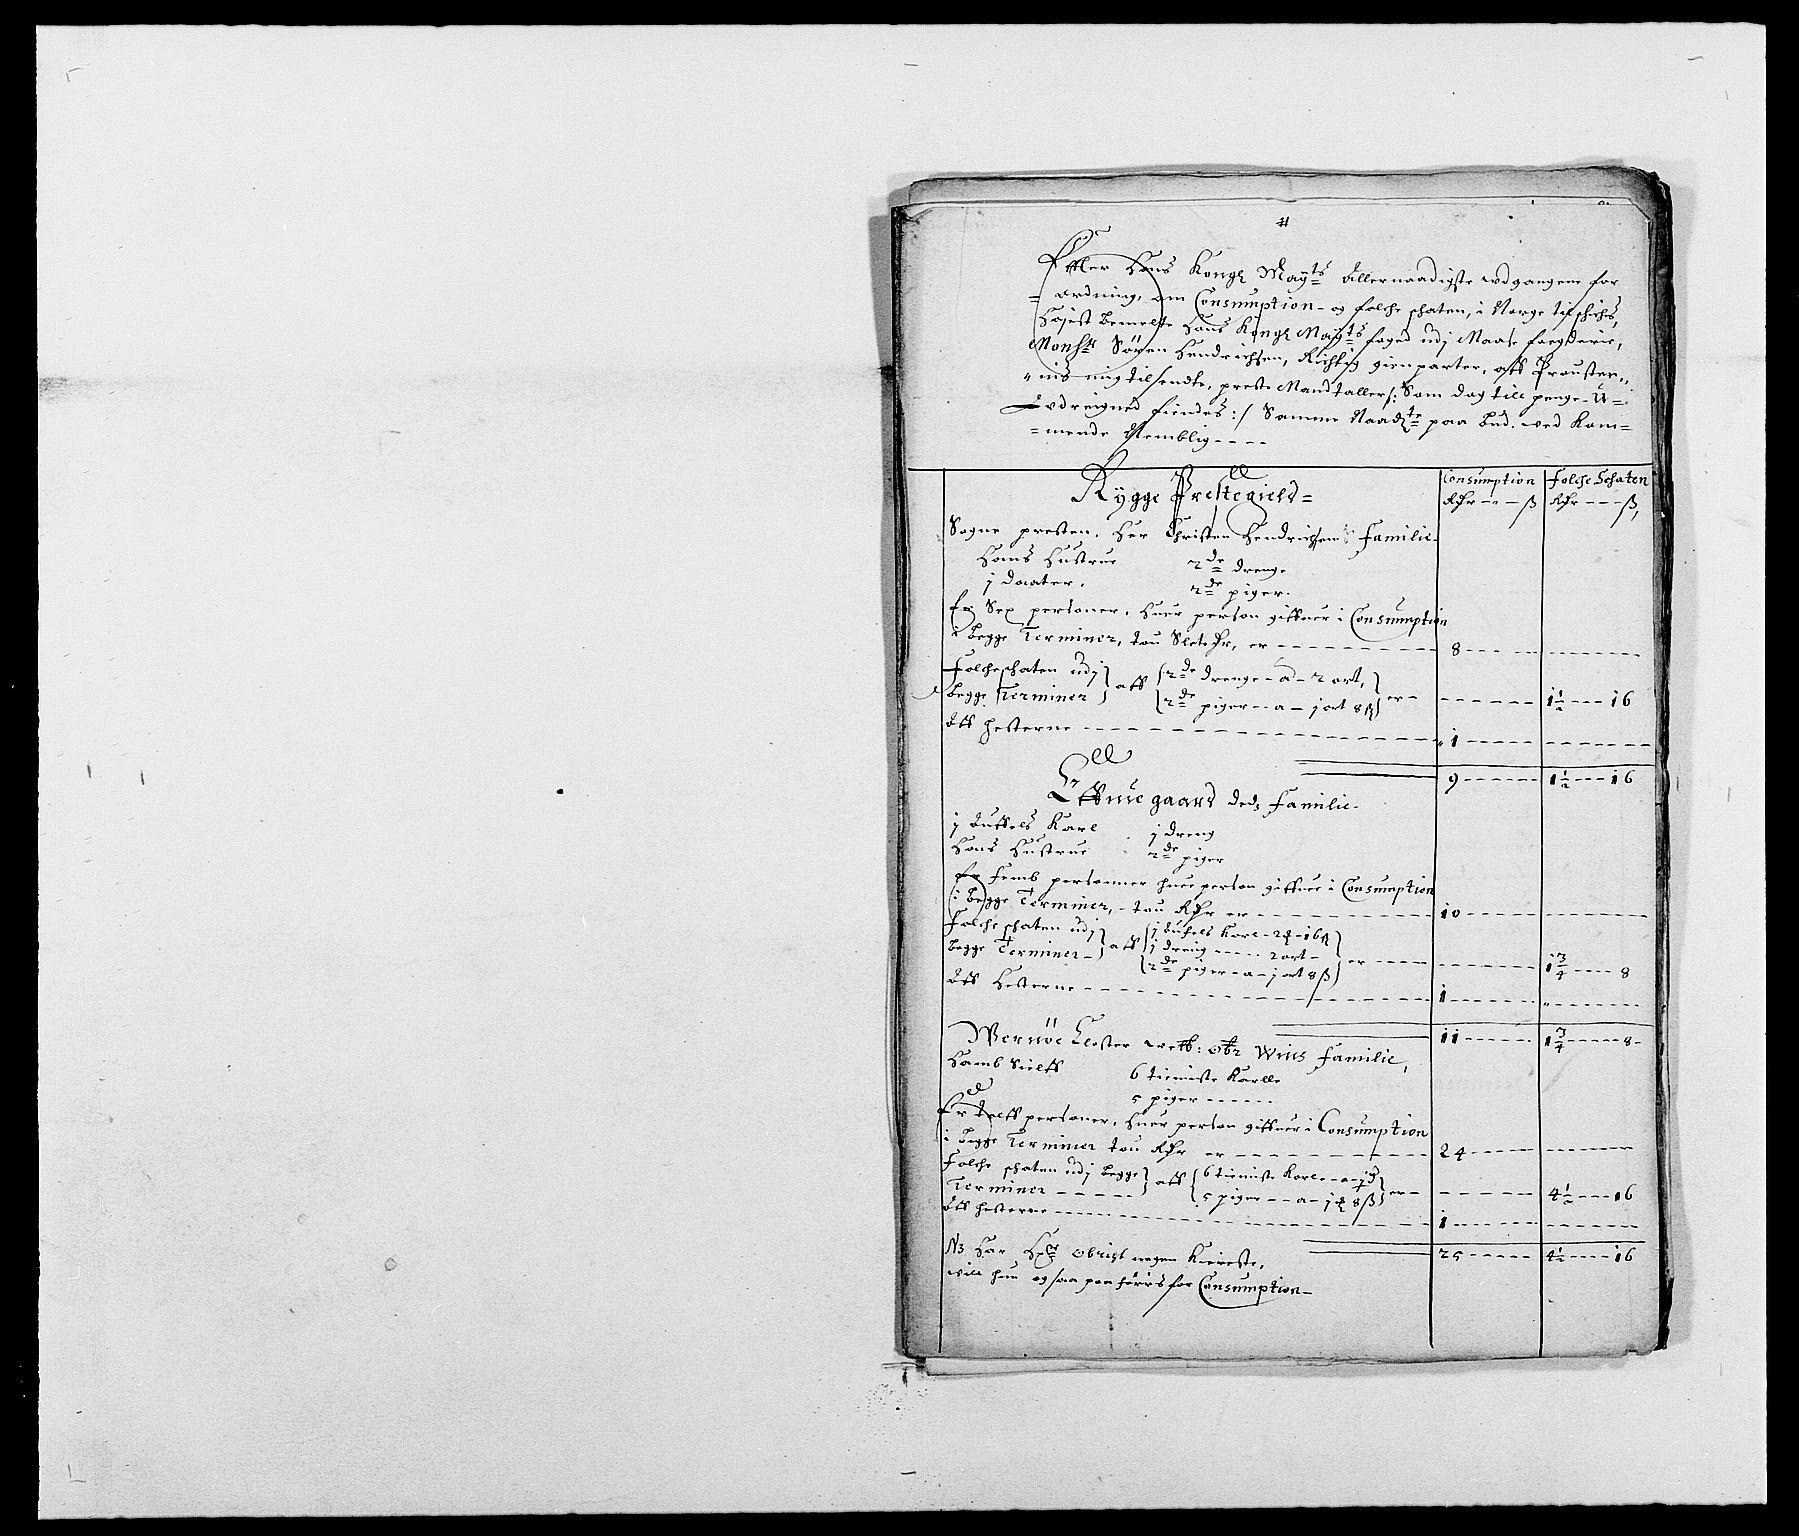 RA, Rentekammeret inntil 1814, Reviderte regnskaper, Fogderegnskap, R02/L0102: Fogderegnskap Moss og Verne kloster, 1675-1681, s. 301